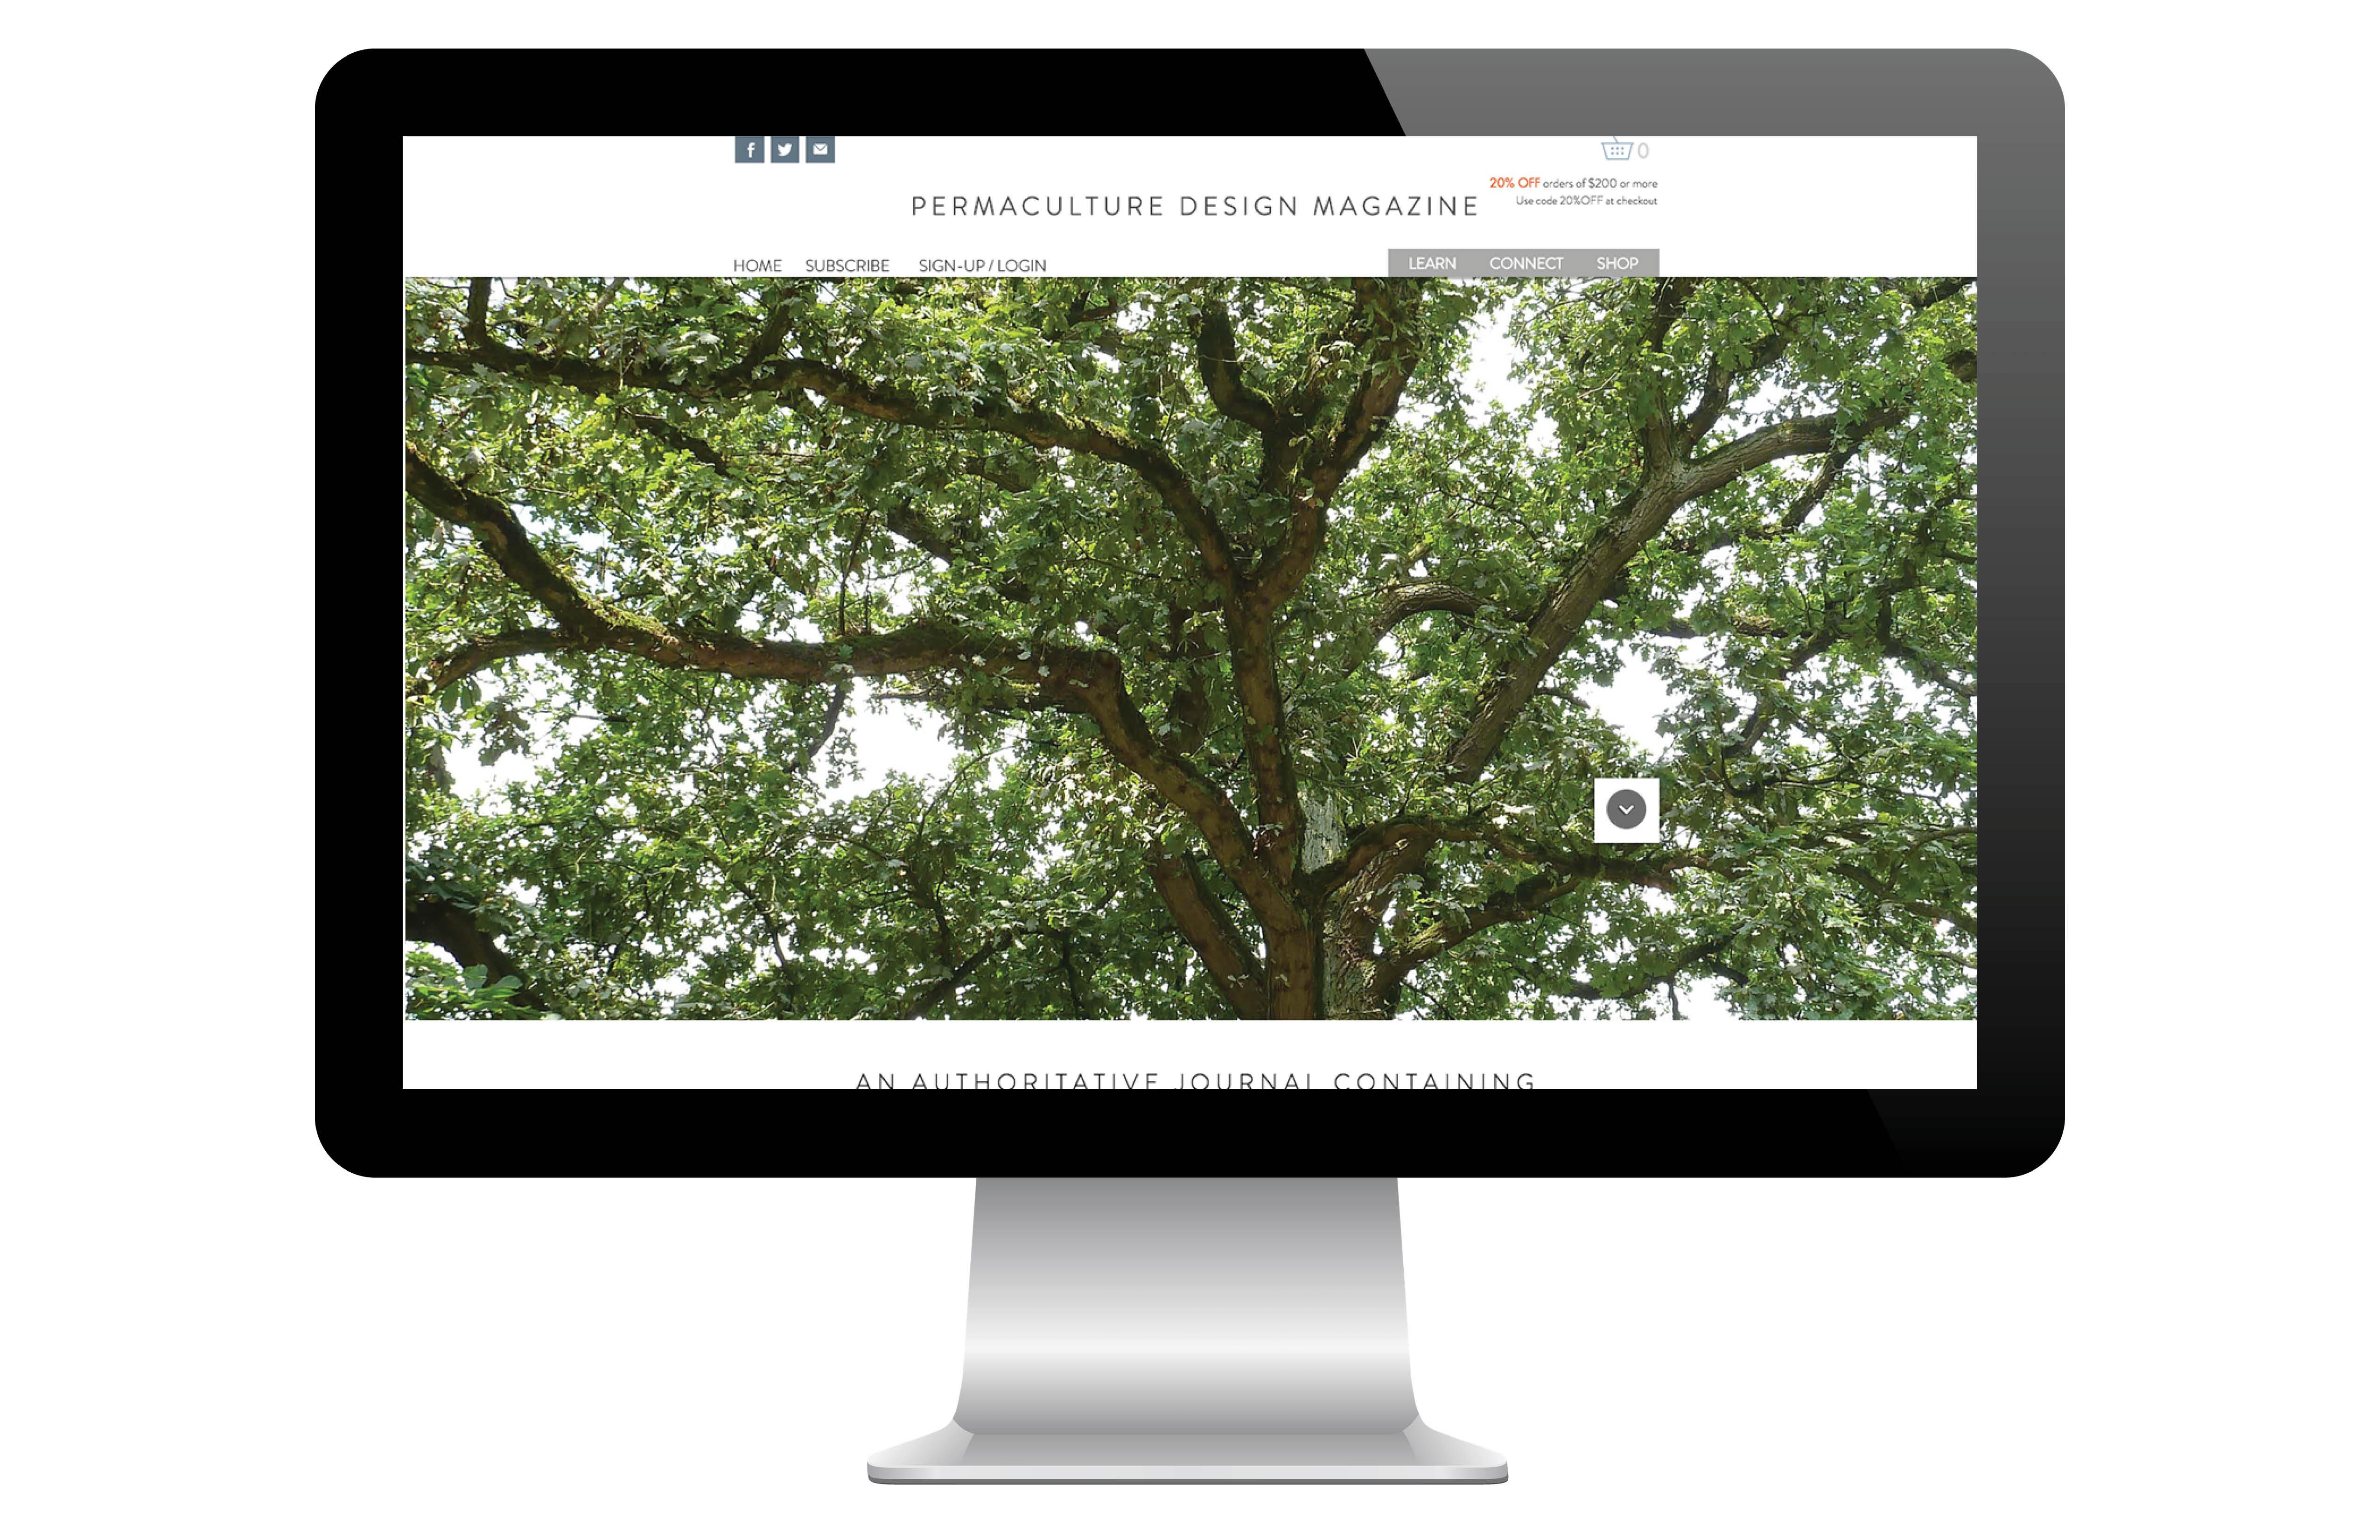 pdm website3